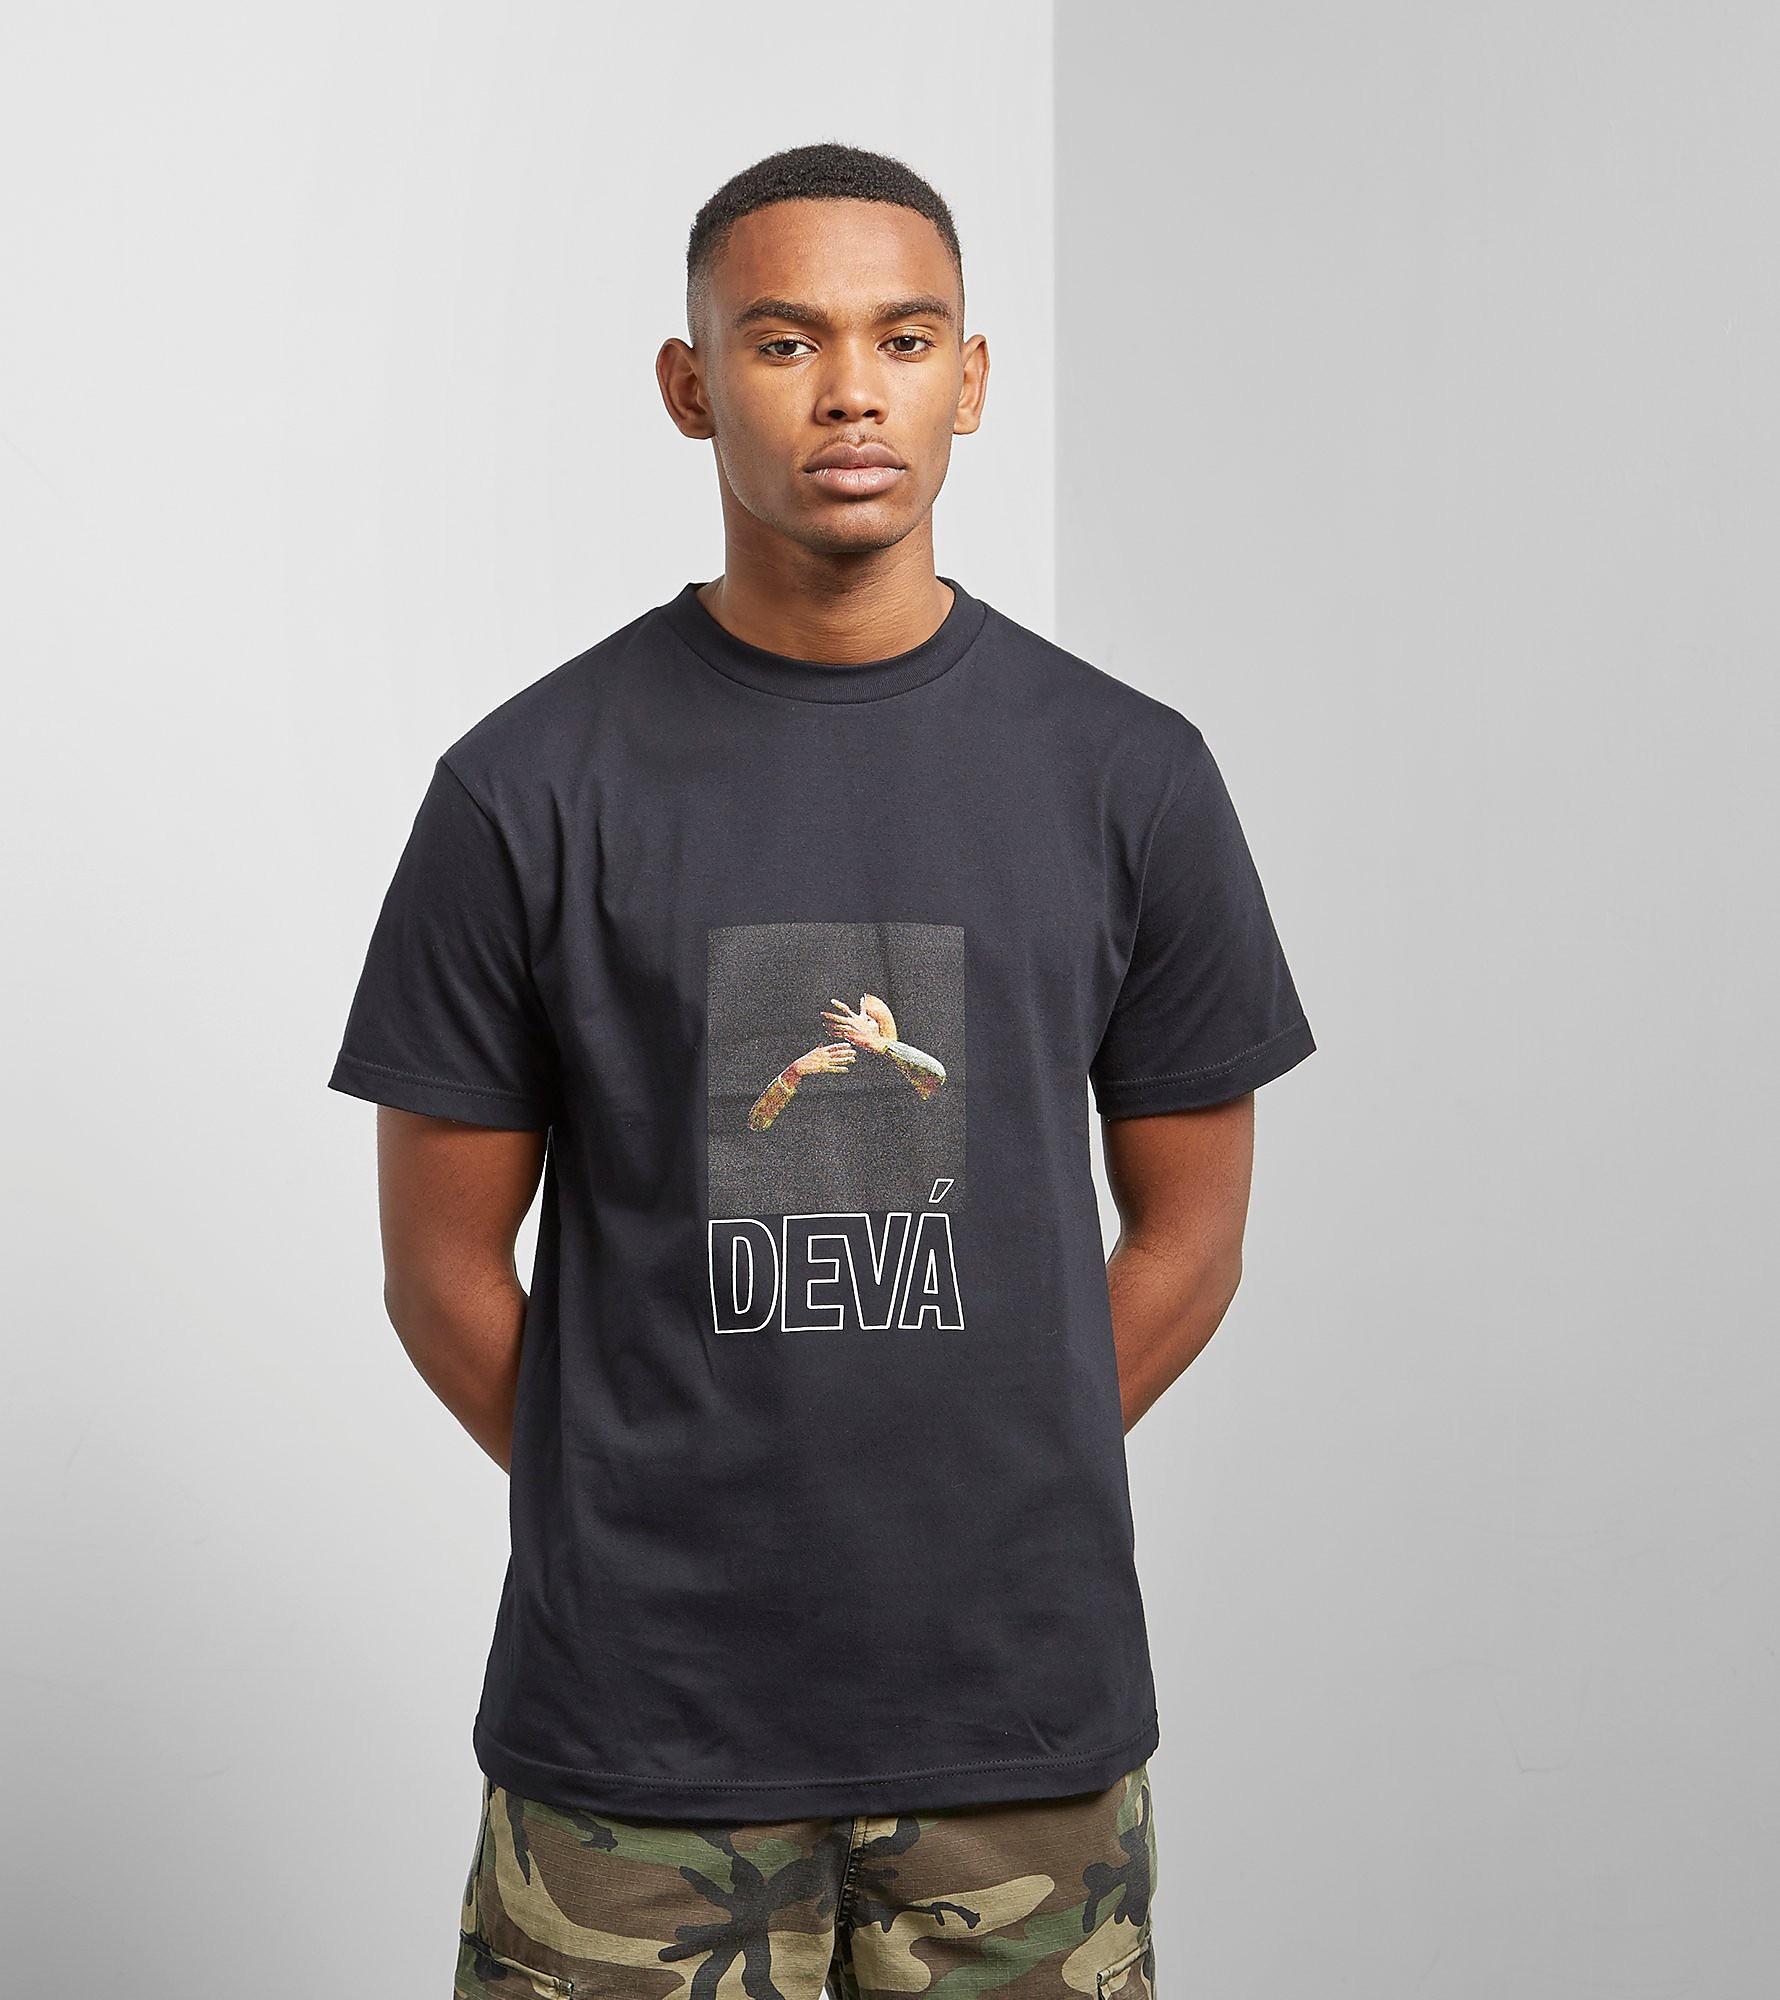 Deva States Vain T-Shirt